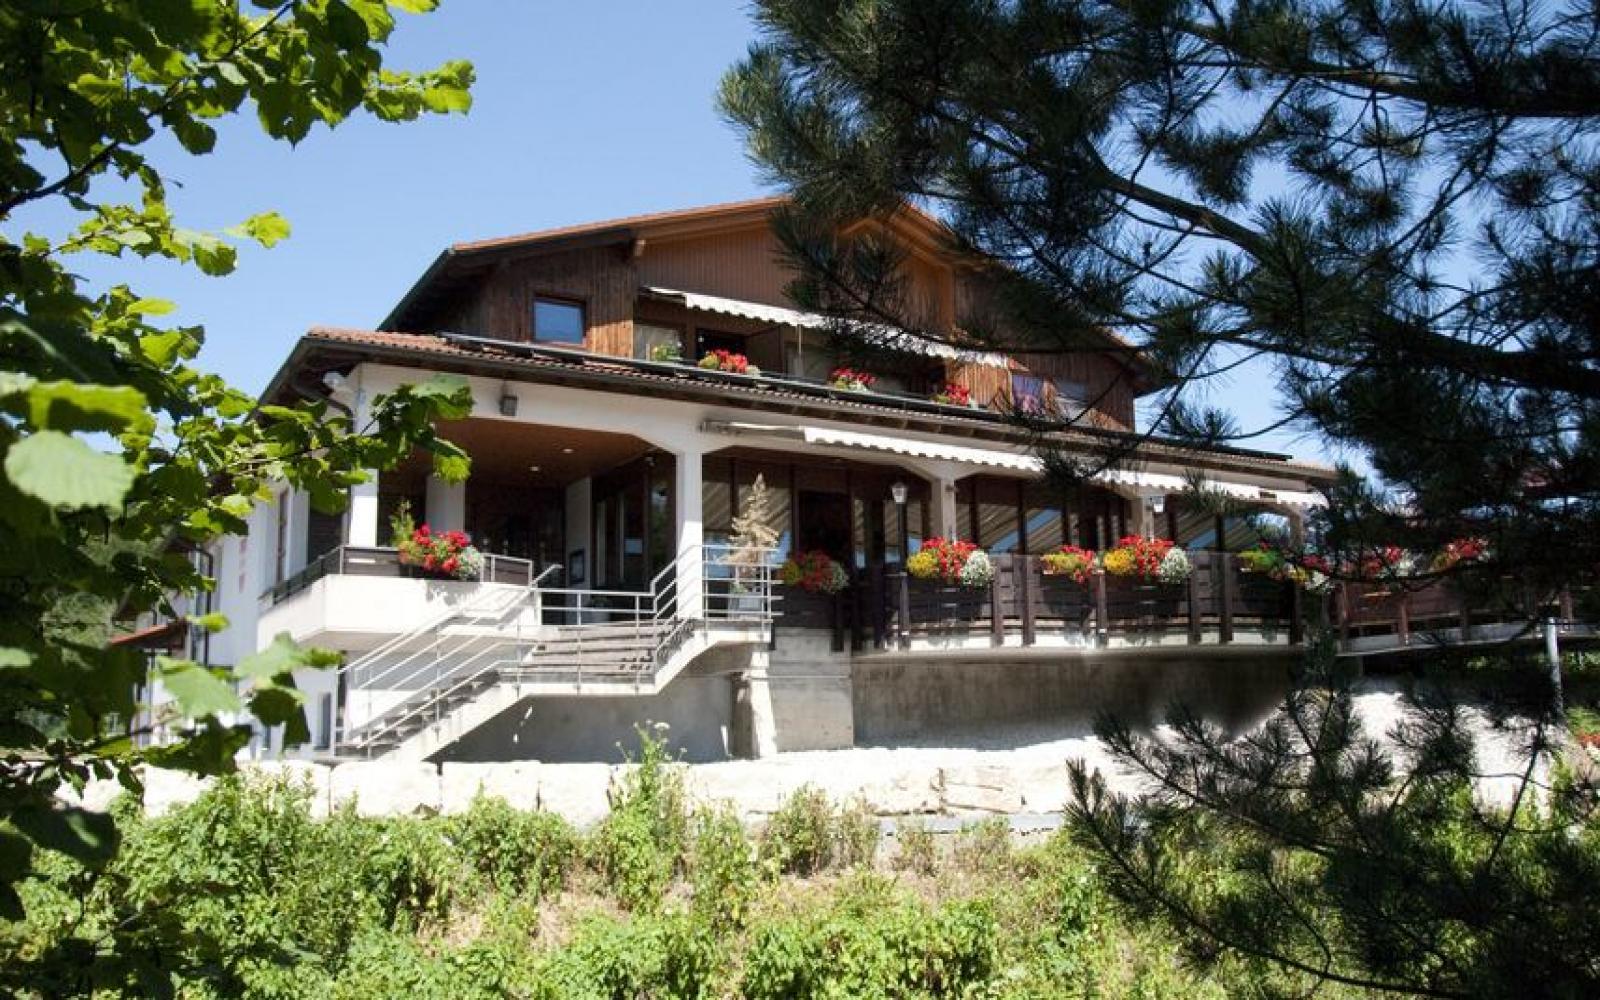 Blaustein Cafes Und Bars